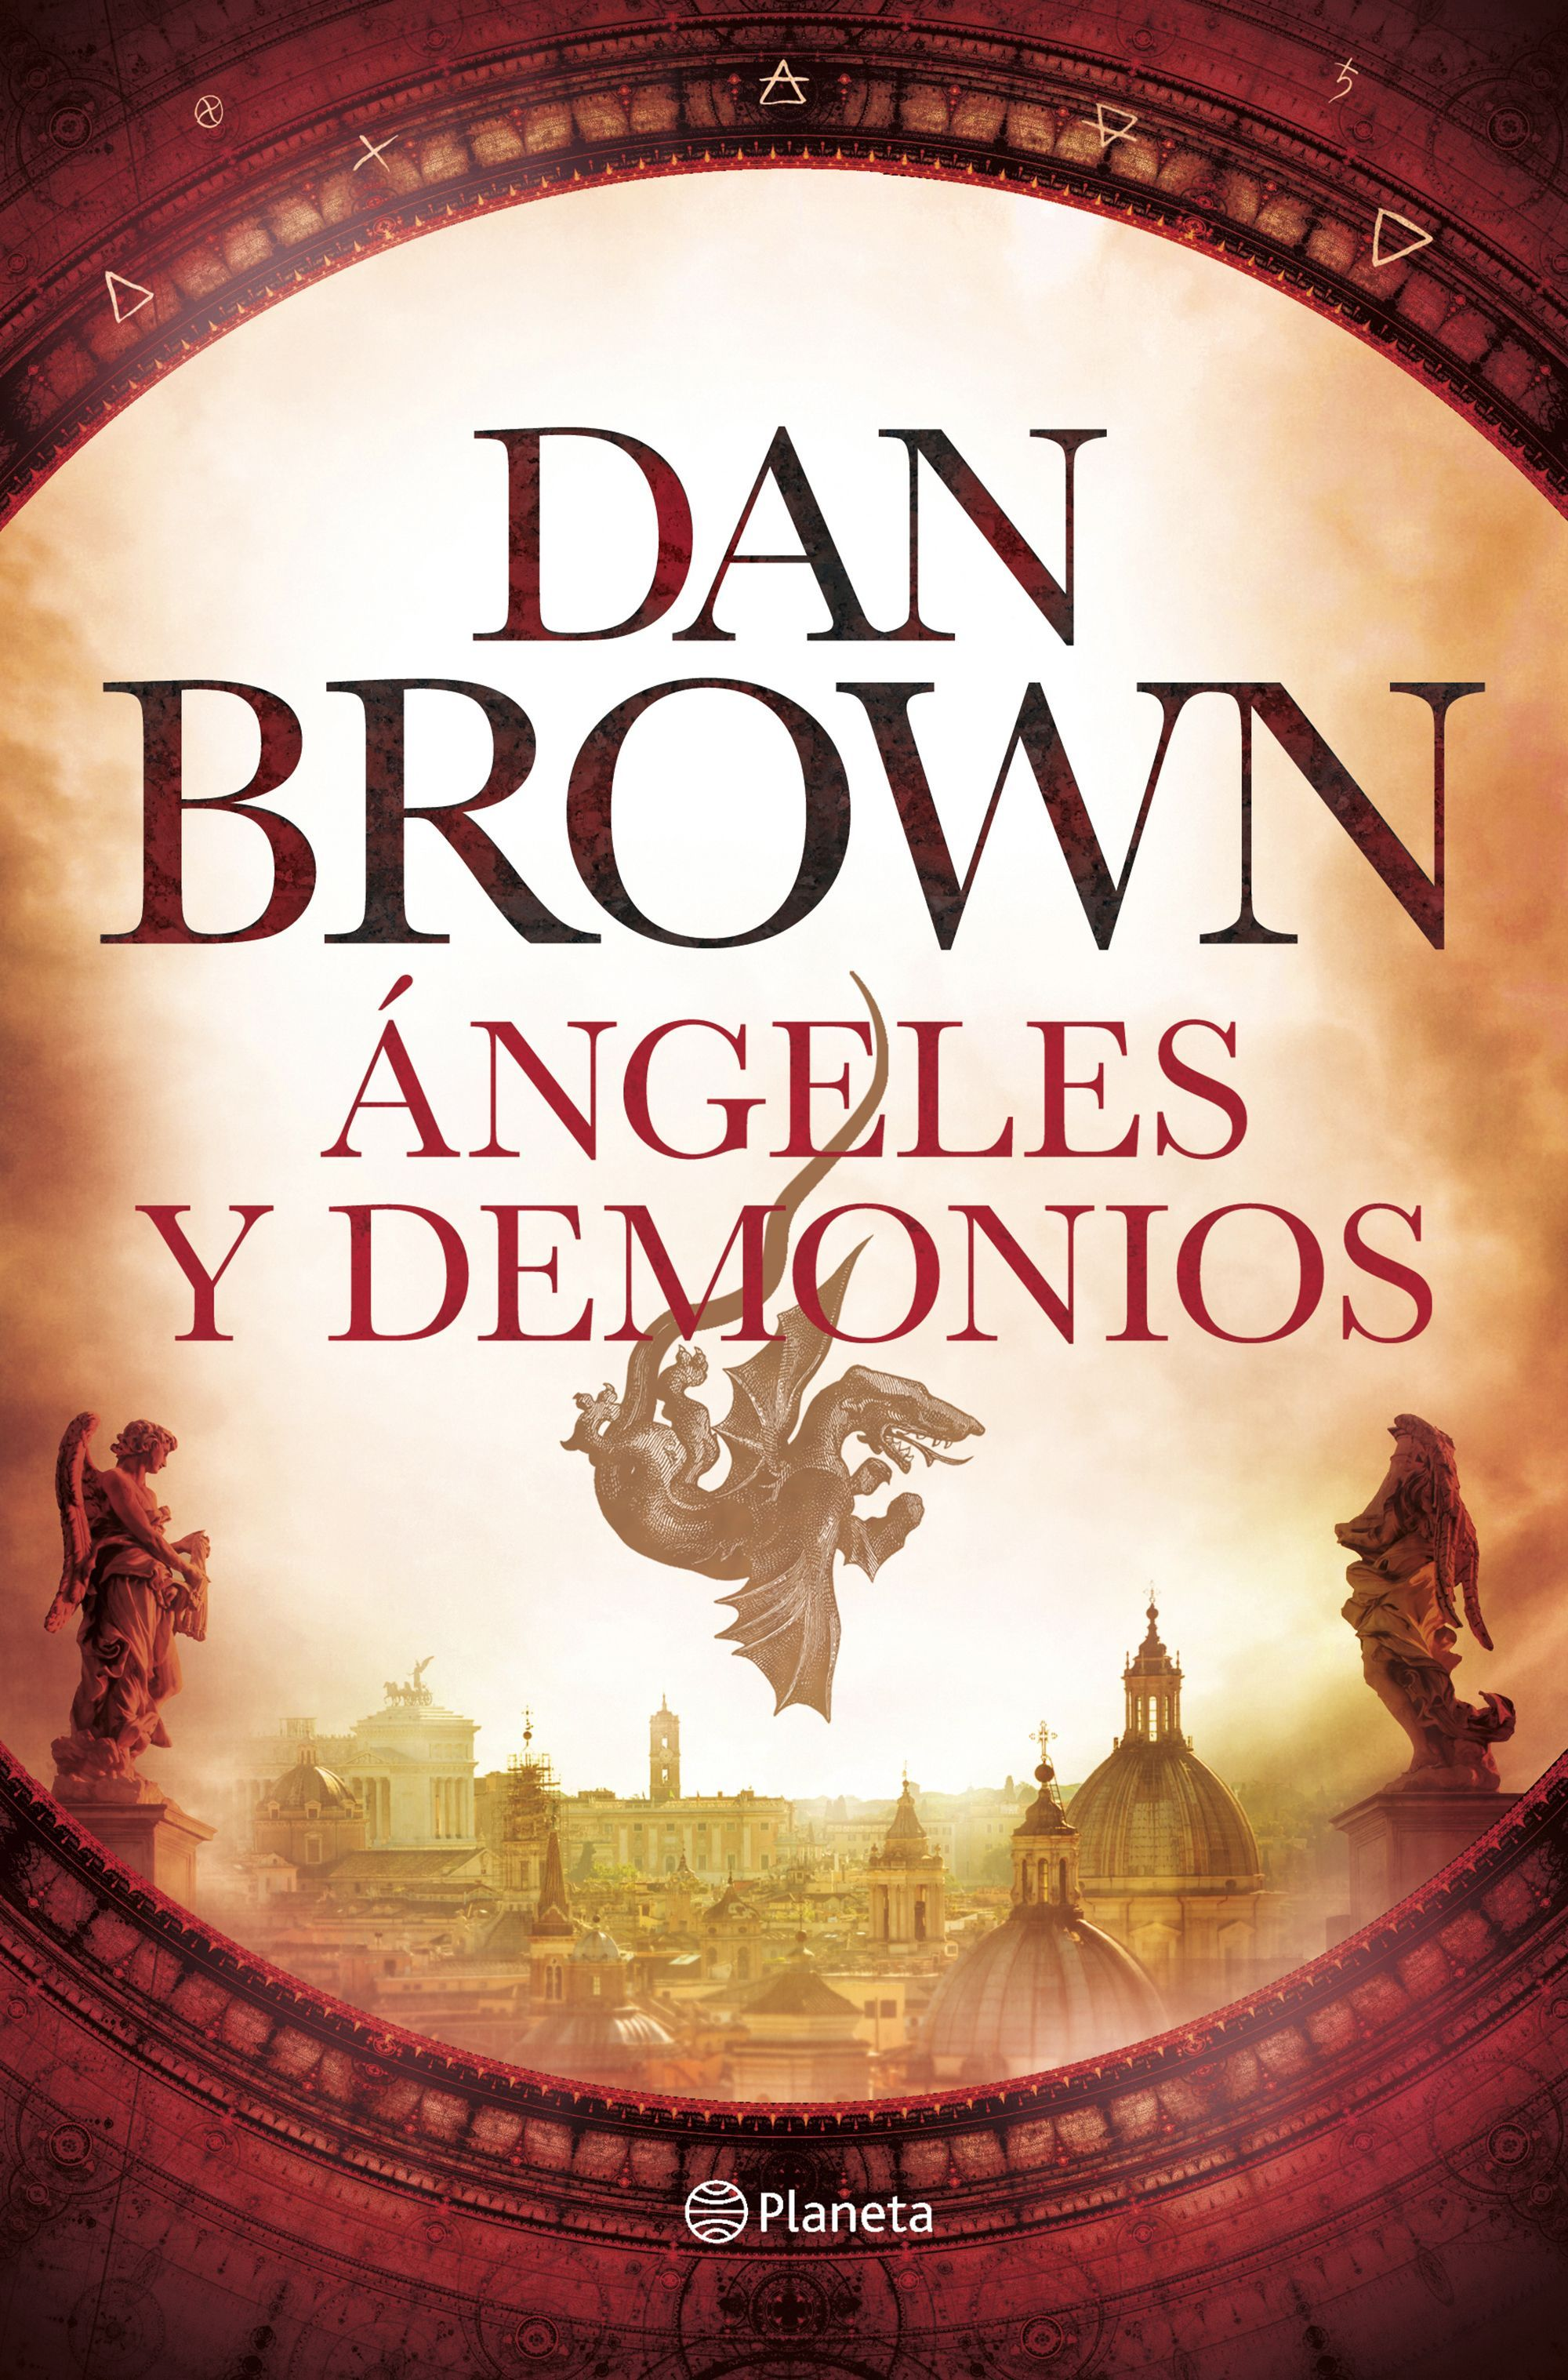 ángeles Y Demonios De Dan Brown El Mayor Enemigo De La Iglesia Amenaza Con Destruirla Desde Sus Cimientos Dan Brown ángeles Y Demonios Robert Langdon